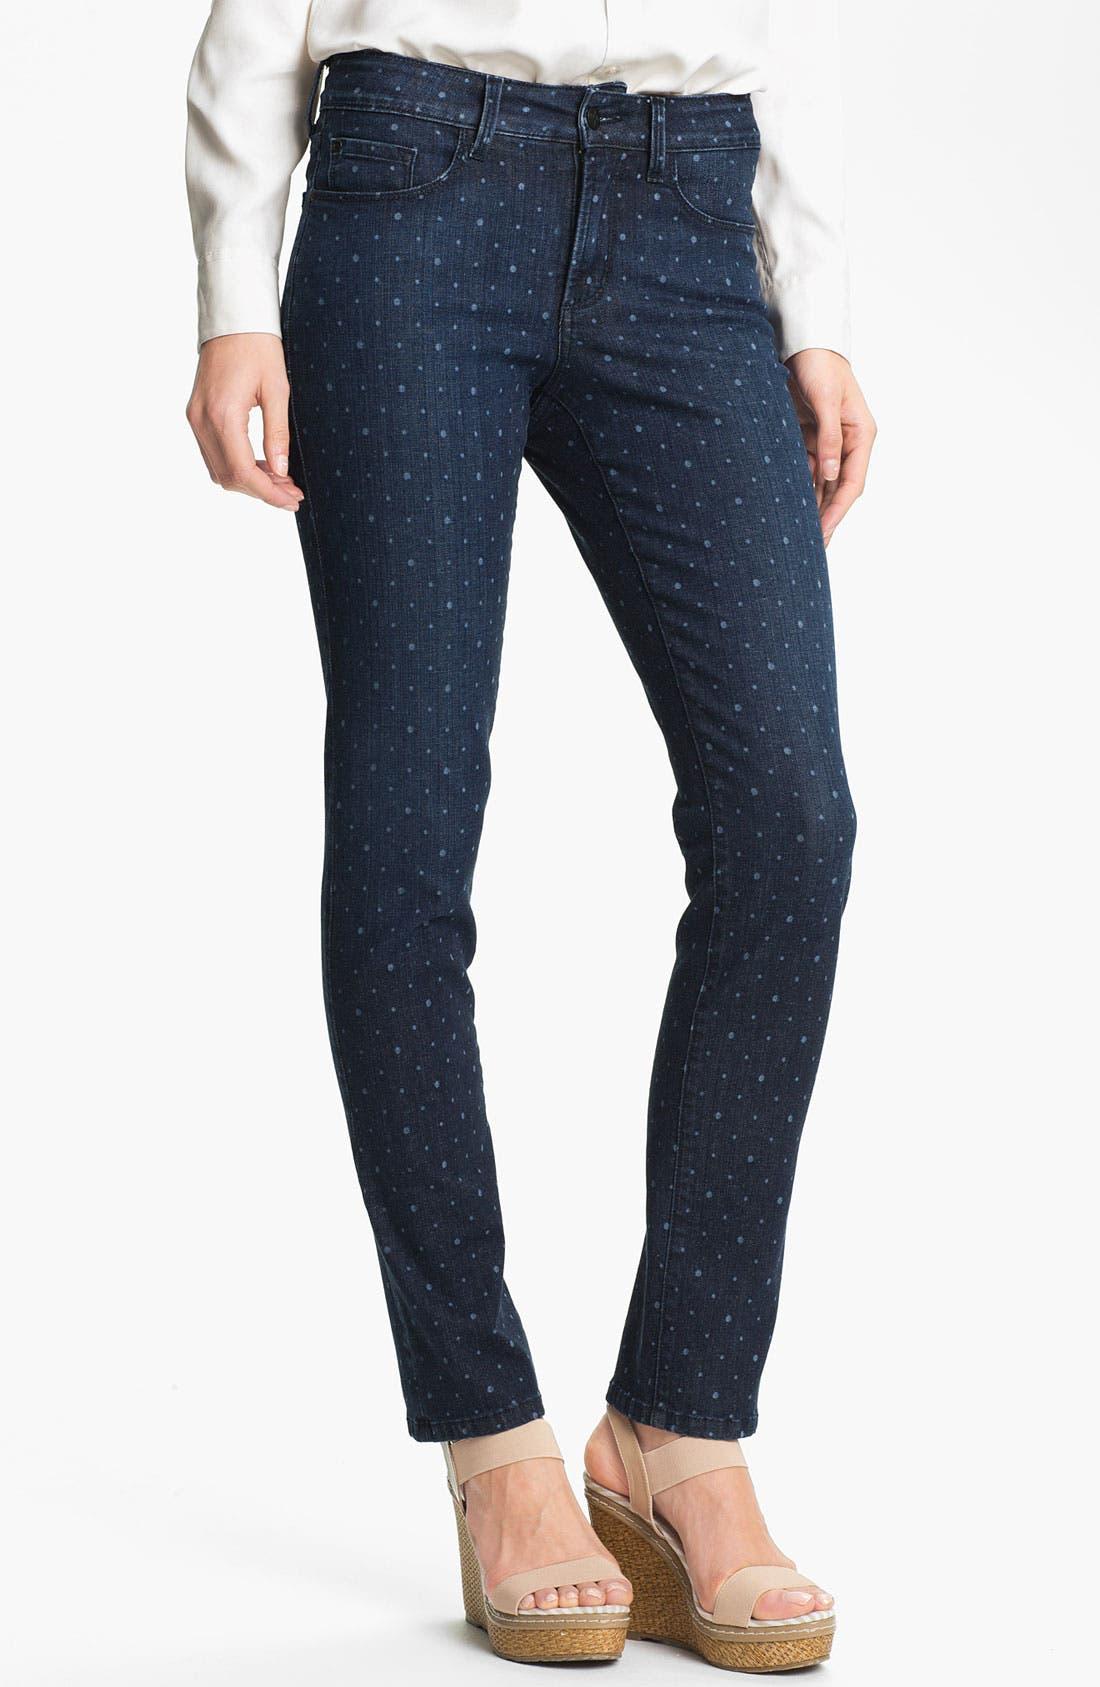 Alternate Image 1 Selected - NYDJ 'Sheri' Dot Print Skinny Ankle Jeans